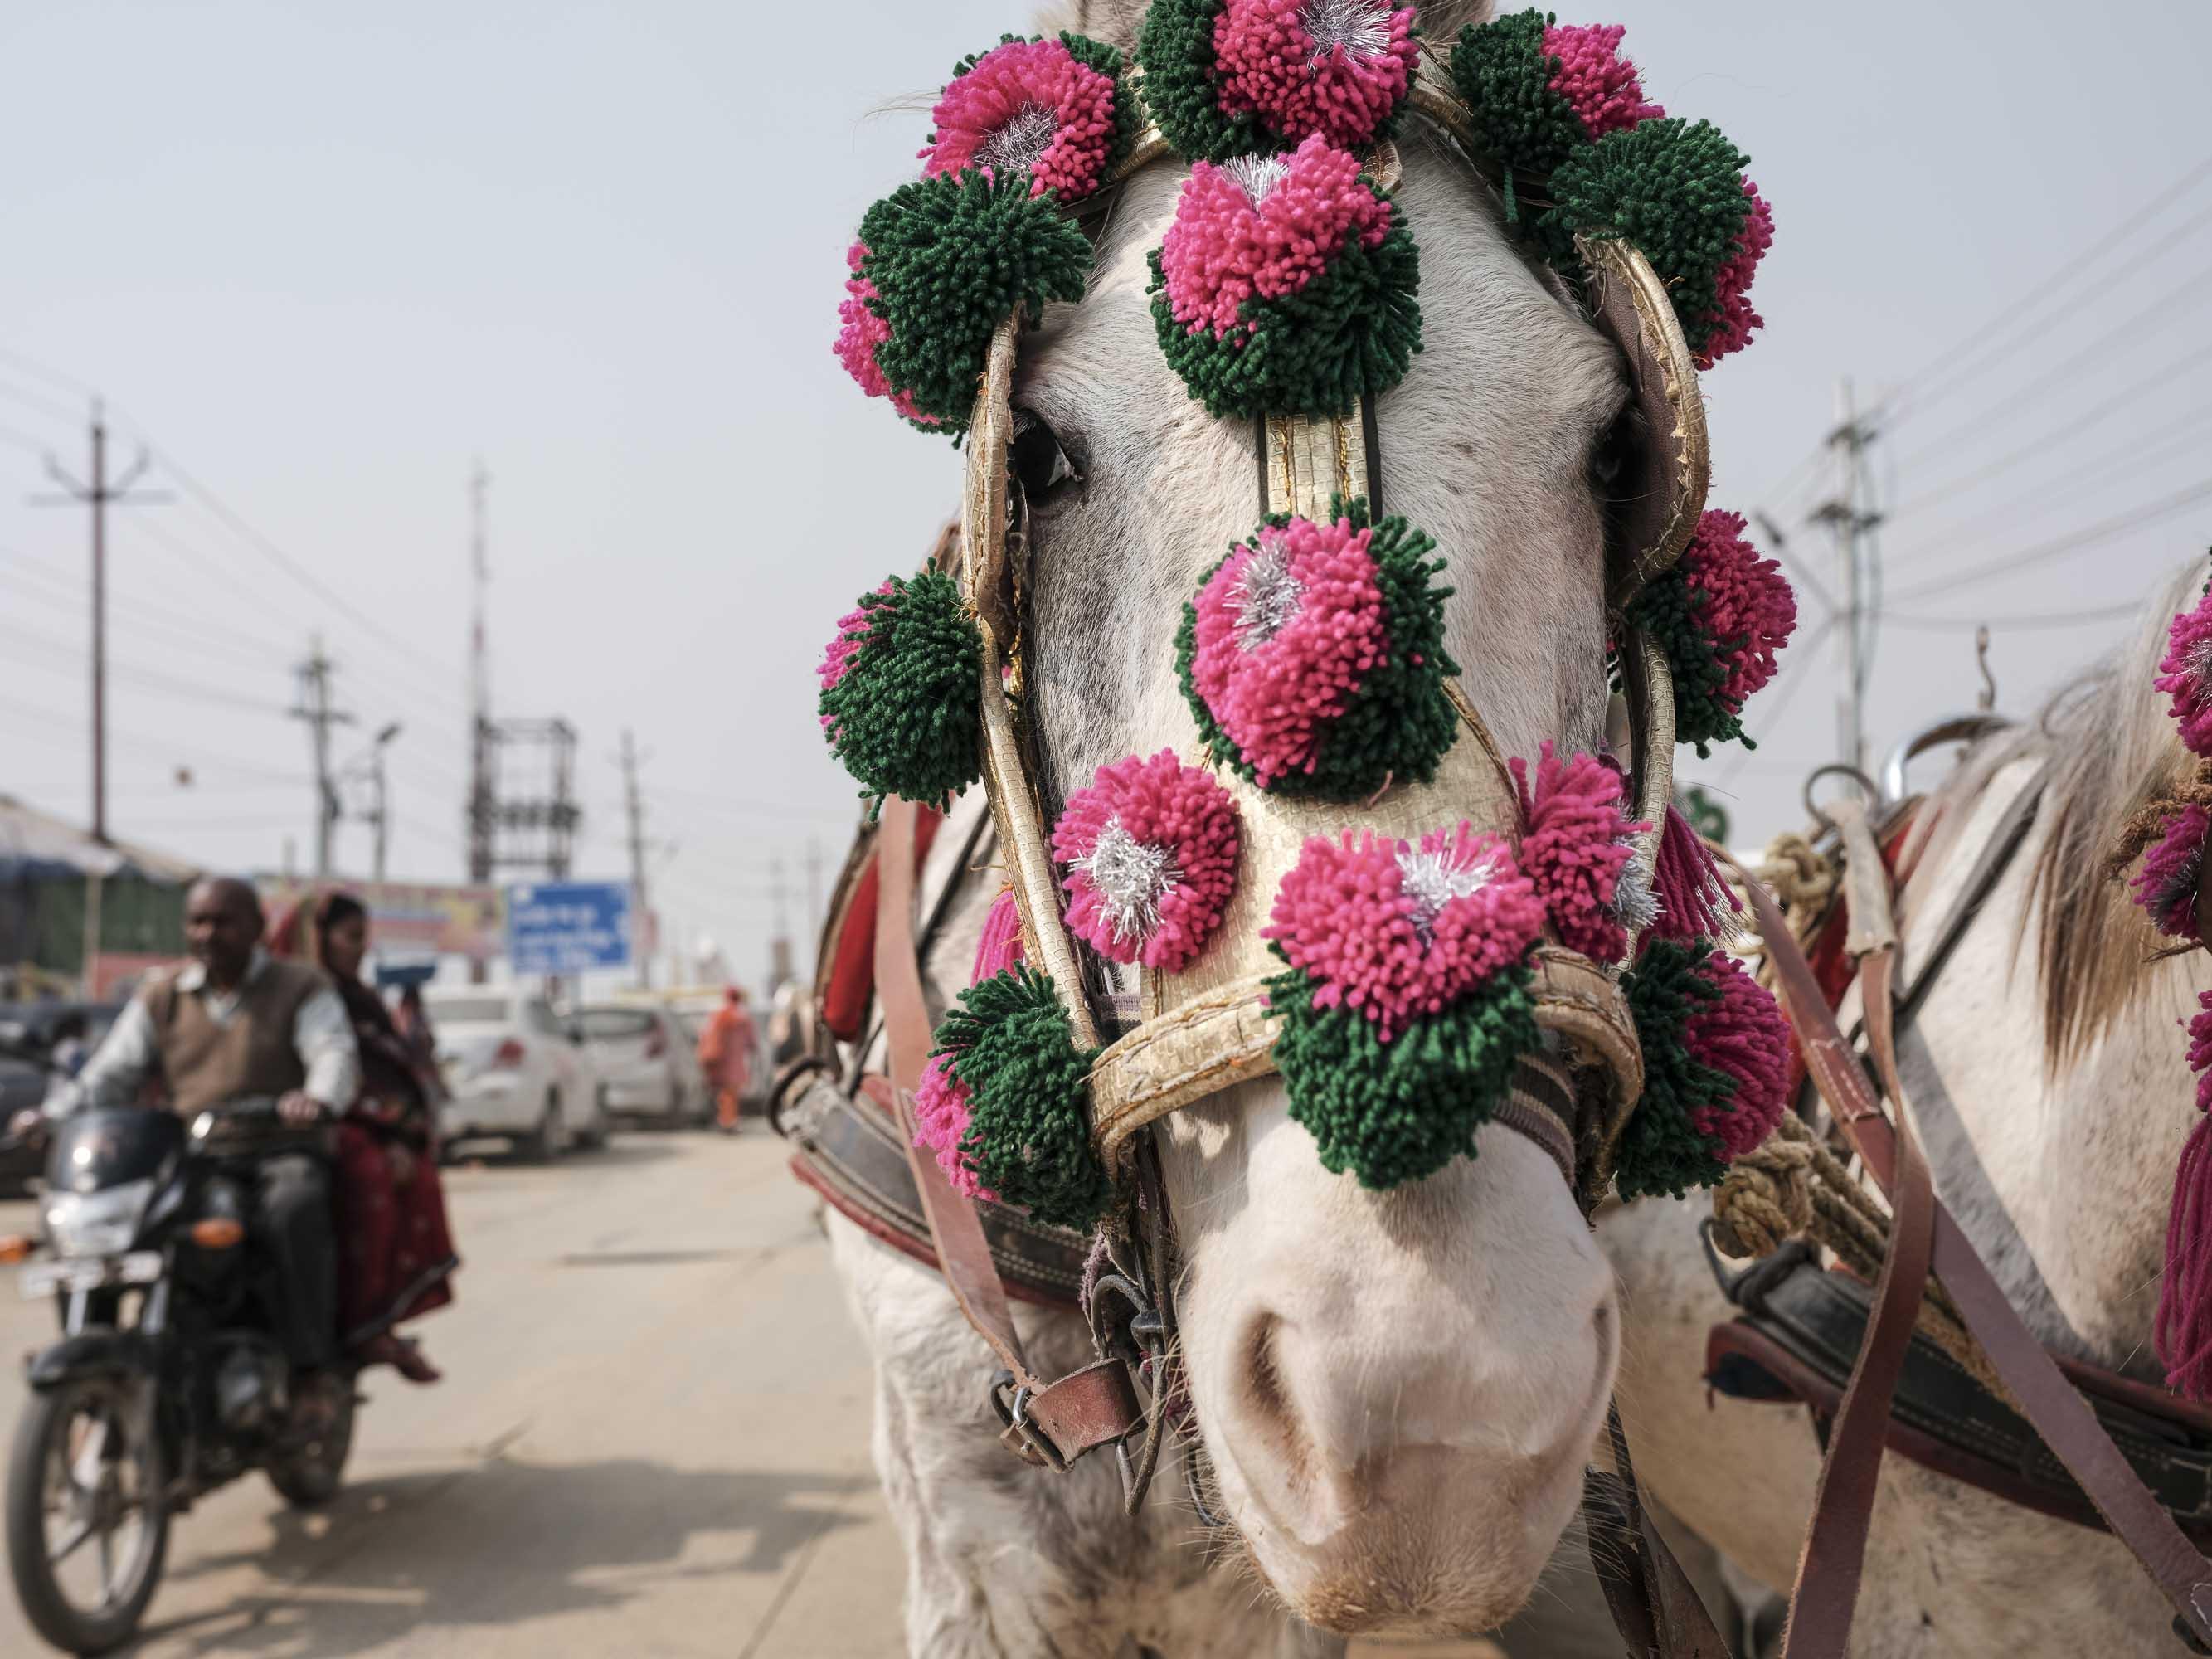 white horse camp pilgrims Kumbh mela 2019 India Allahabad Prayagraj Ardh hindu religious Festival event rivers photographer jose jeuland photography